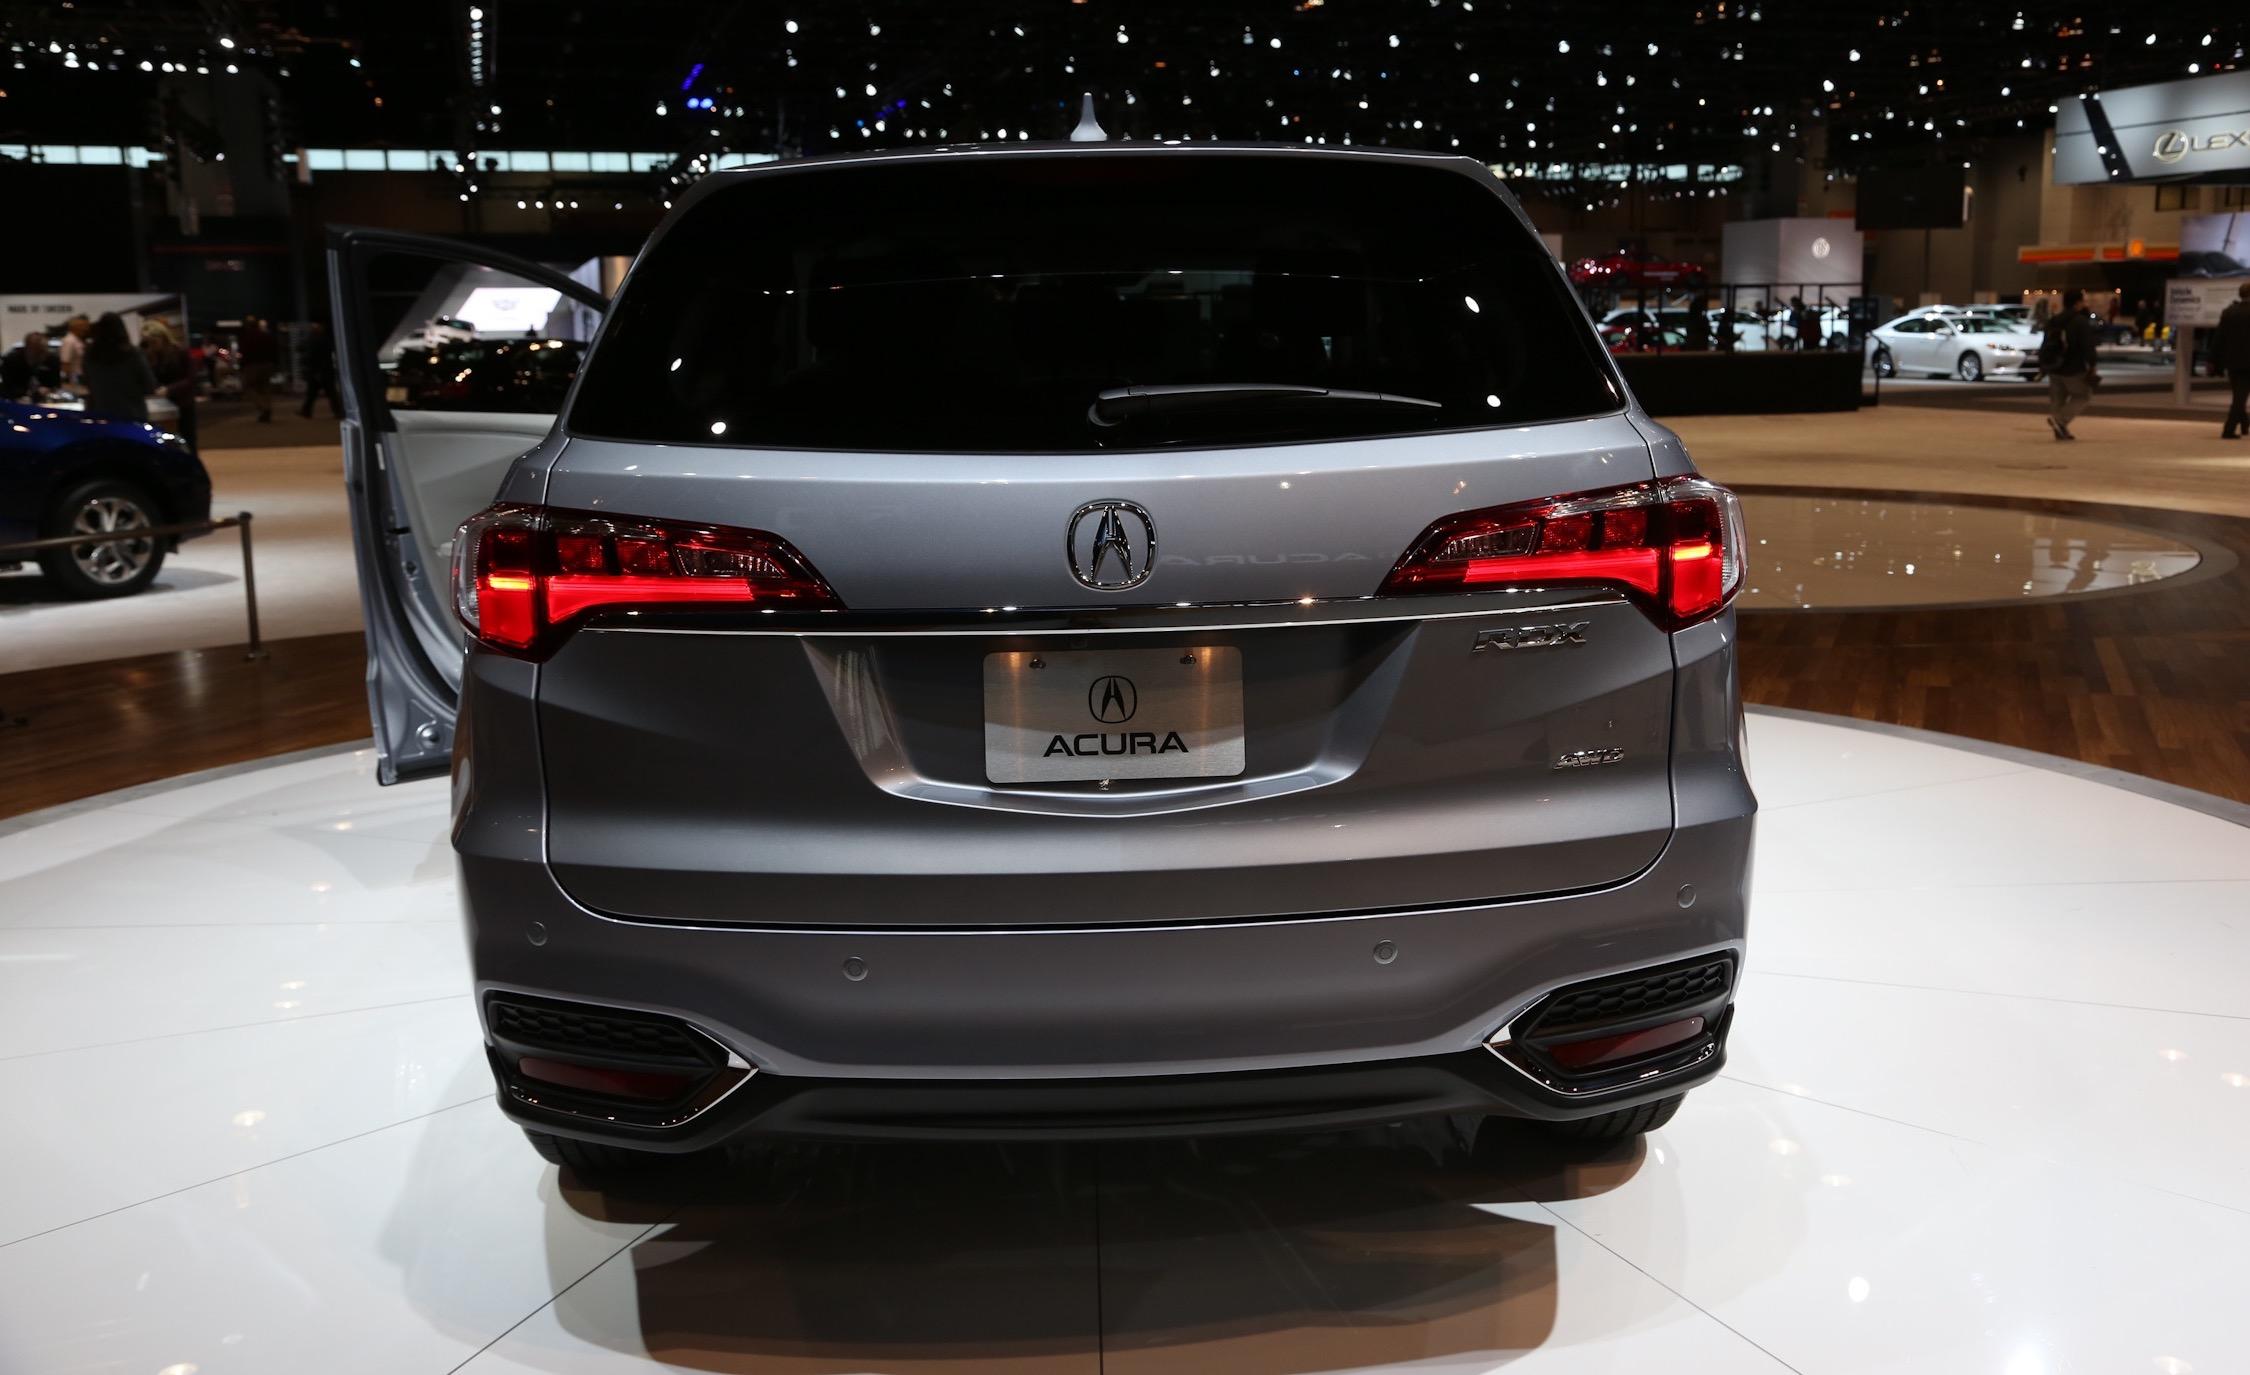 Next 2016 Acura RDX Rear End Design